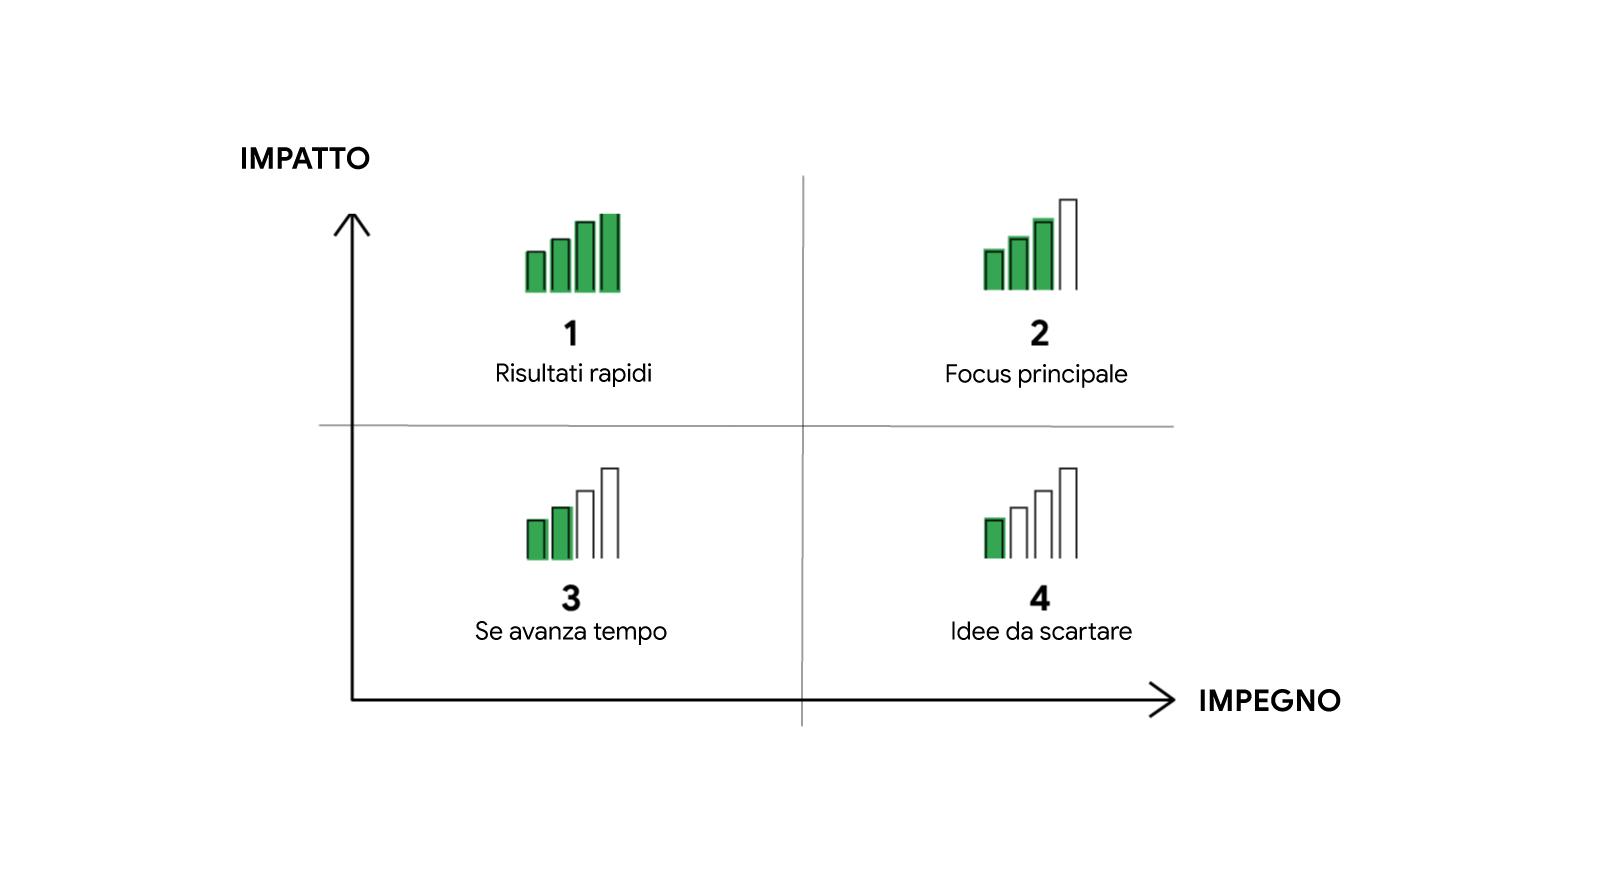 """Un grafico con un asse verticale denominato """"Impatto"""" e uno verticale denominato """"Impegno"""". I quadranti all'interno degli assi sono denominati 1 Risultati rapidi, 2 Focus principale, 3 Se avanza tempo e 4 Idee da scartare."""